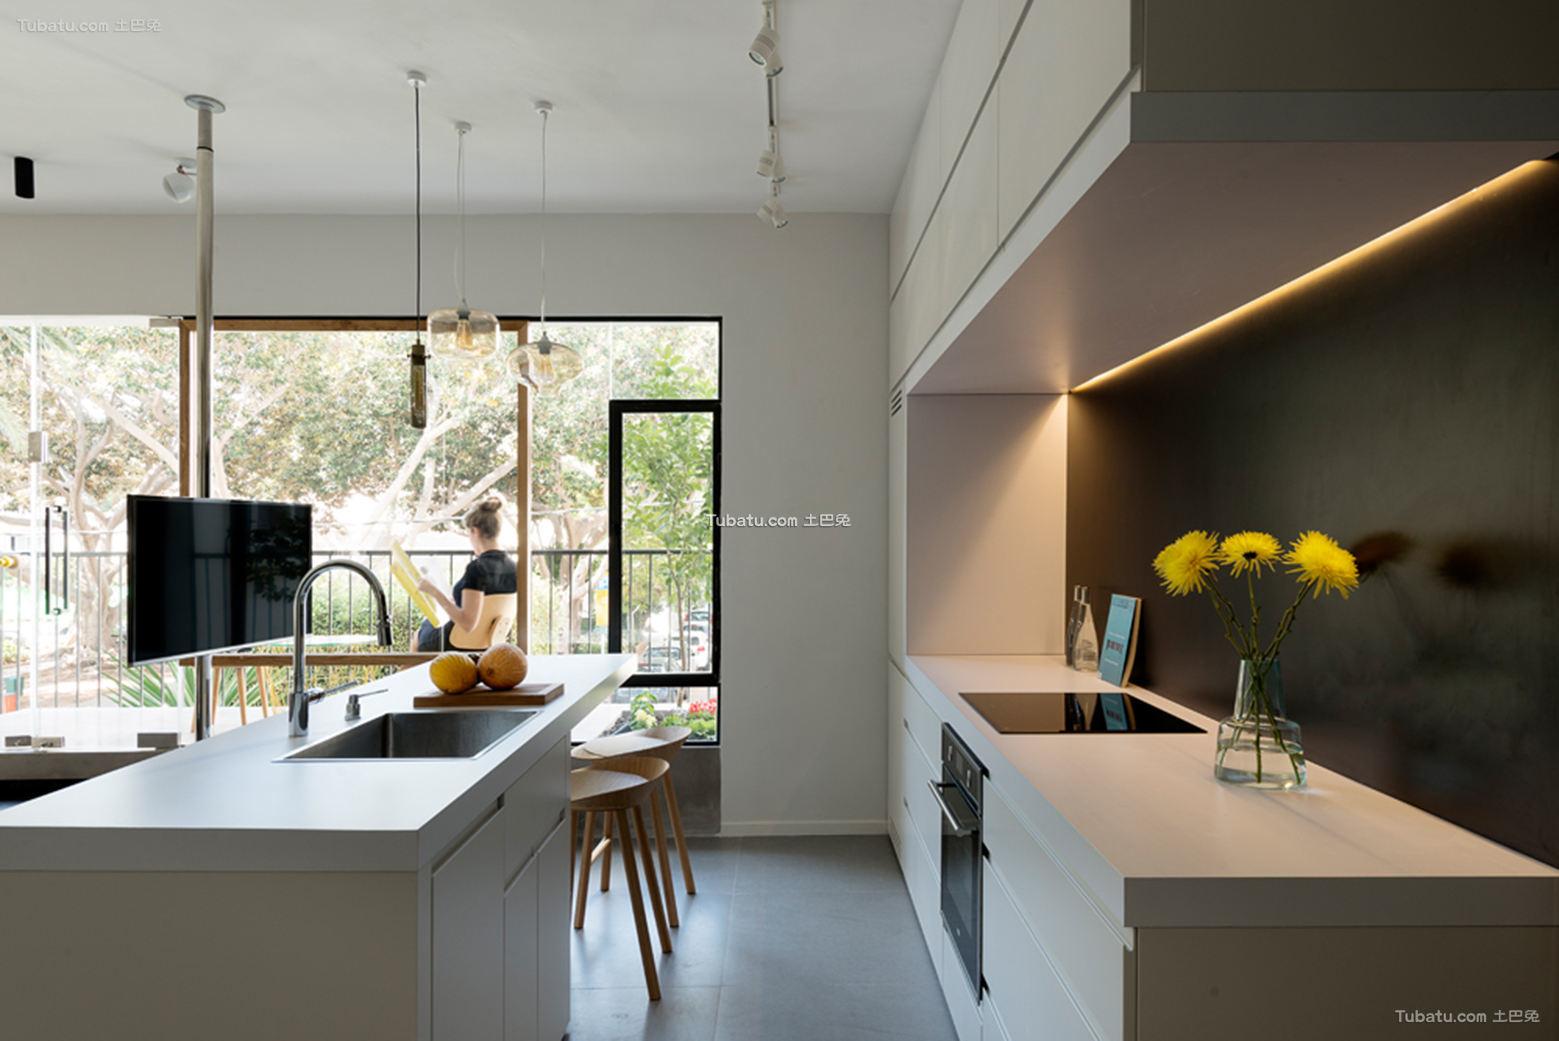 2015现代家庭设计厨房效果图欣赏大全